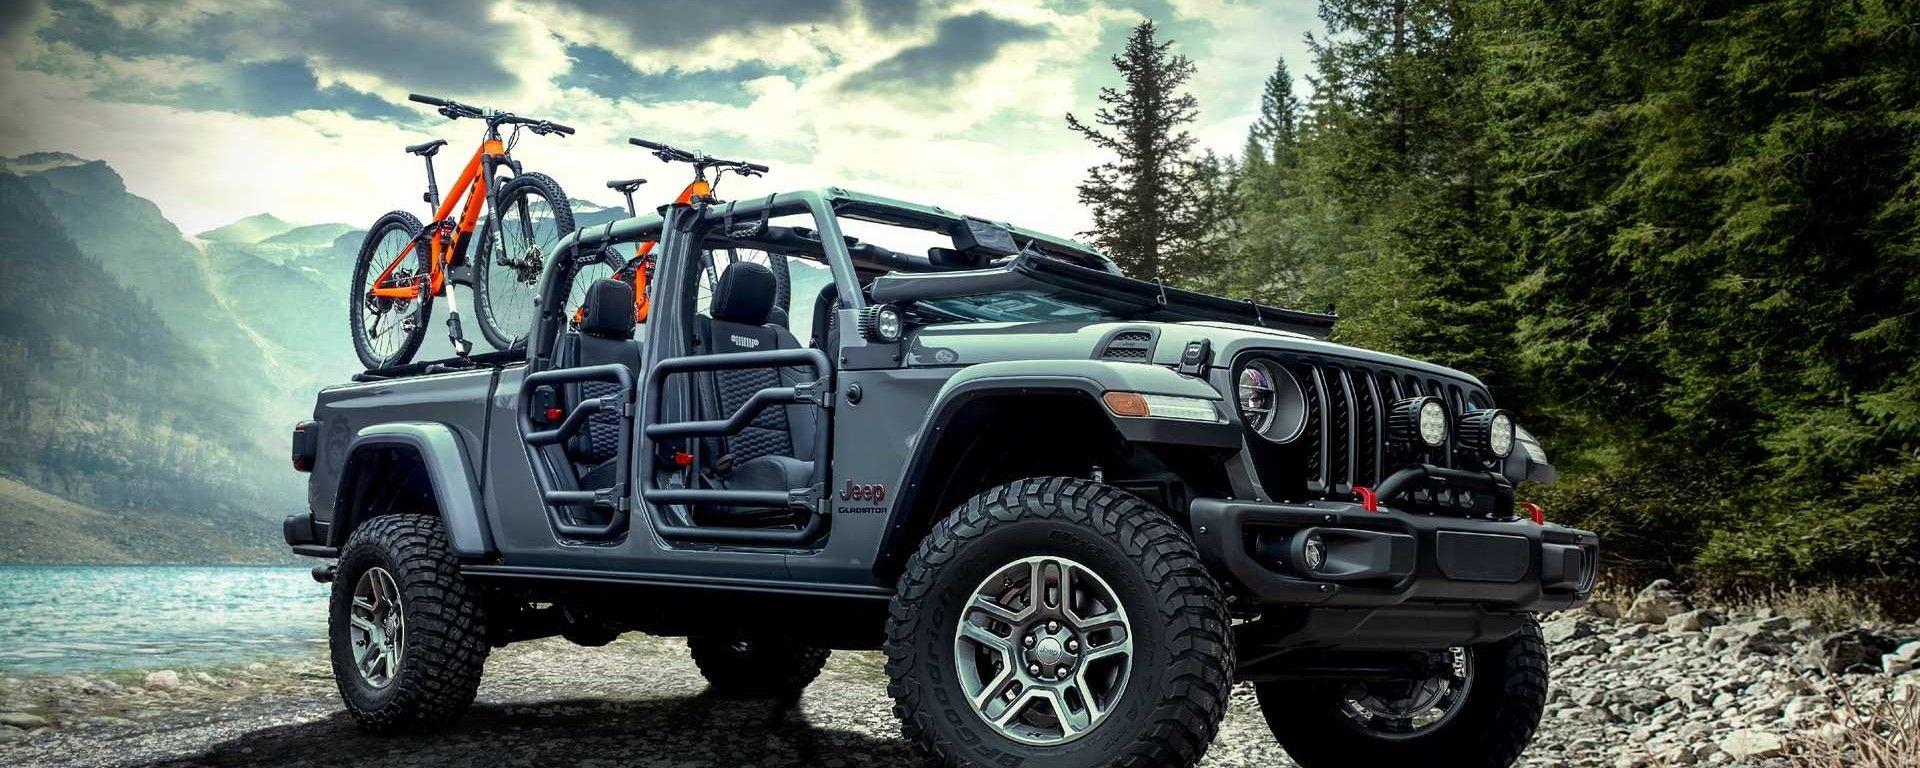 Nuova Jeep Gladiator: i nuovi accessori Mopar - MotorBox